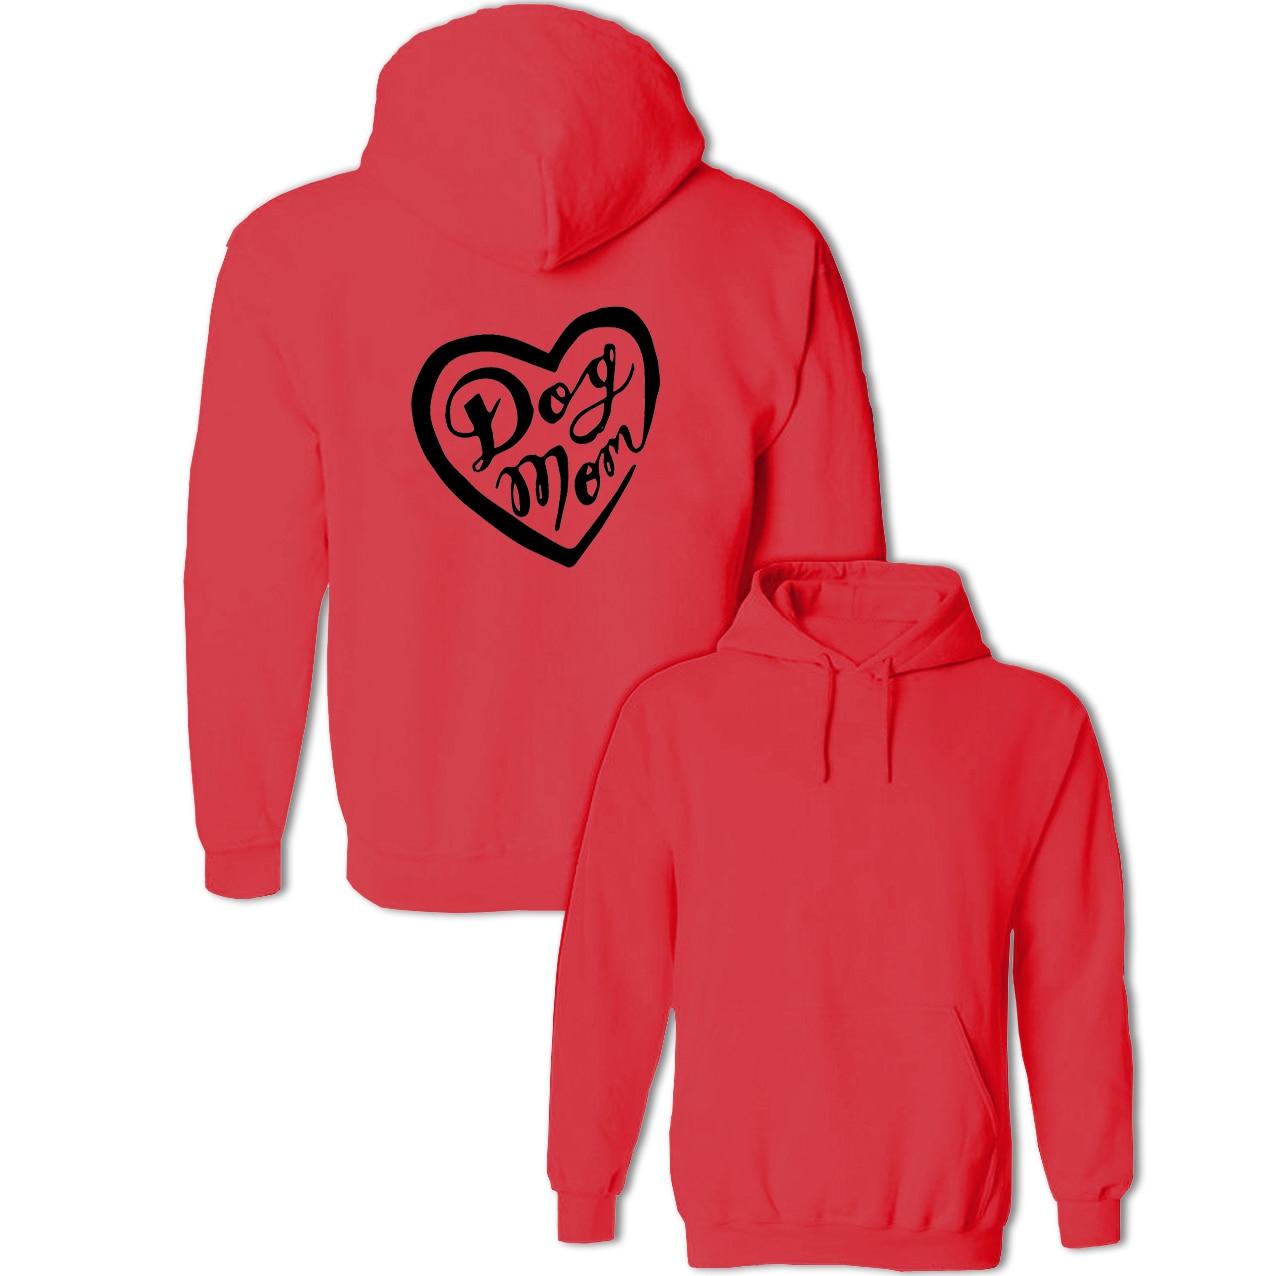 Смешная собака мама надписи Графический Пуловеры для женщин Кофты Для женщин Для мужчин хлопковые толстовки с капюшоном для девочек и маль...